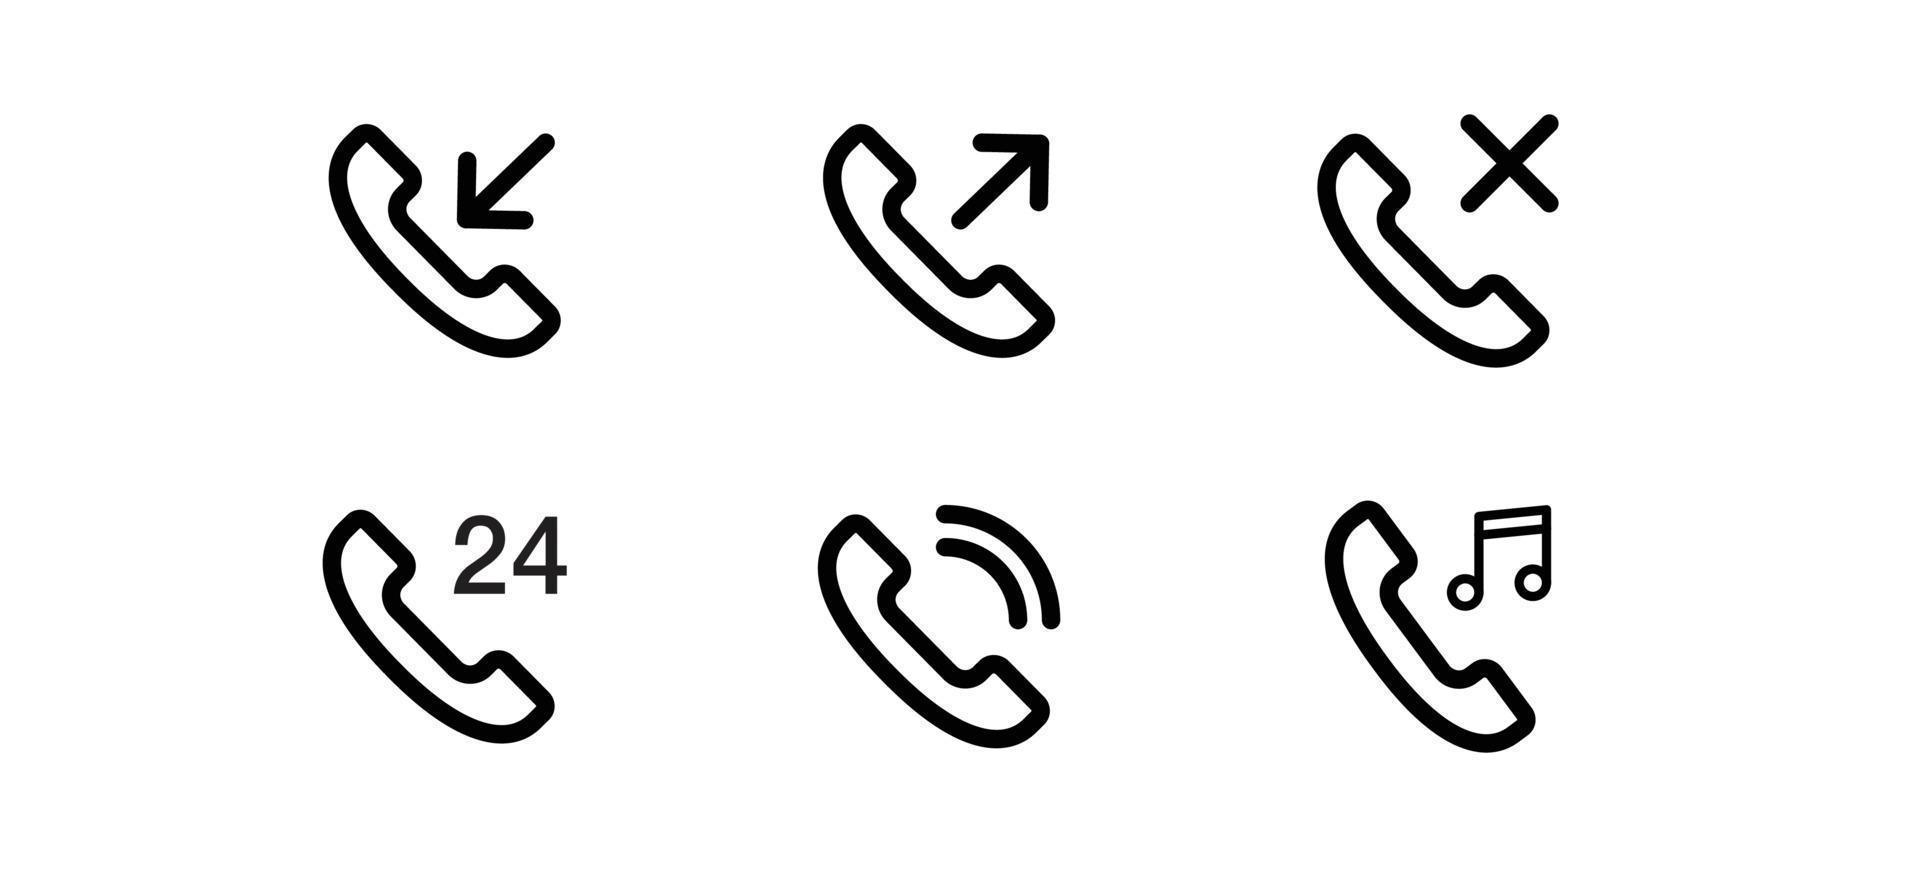 ringa telefon kommunikation vektor ikoner